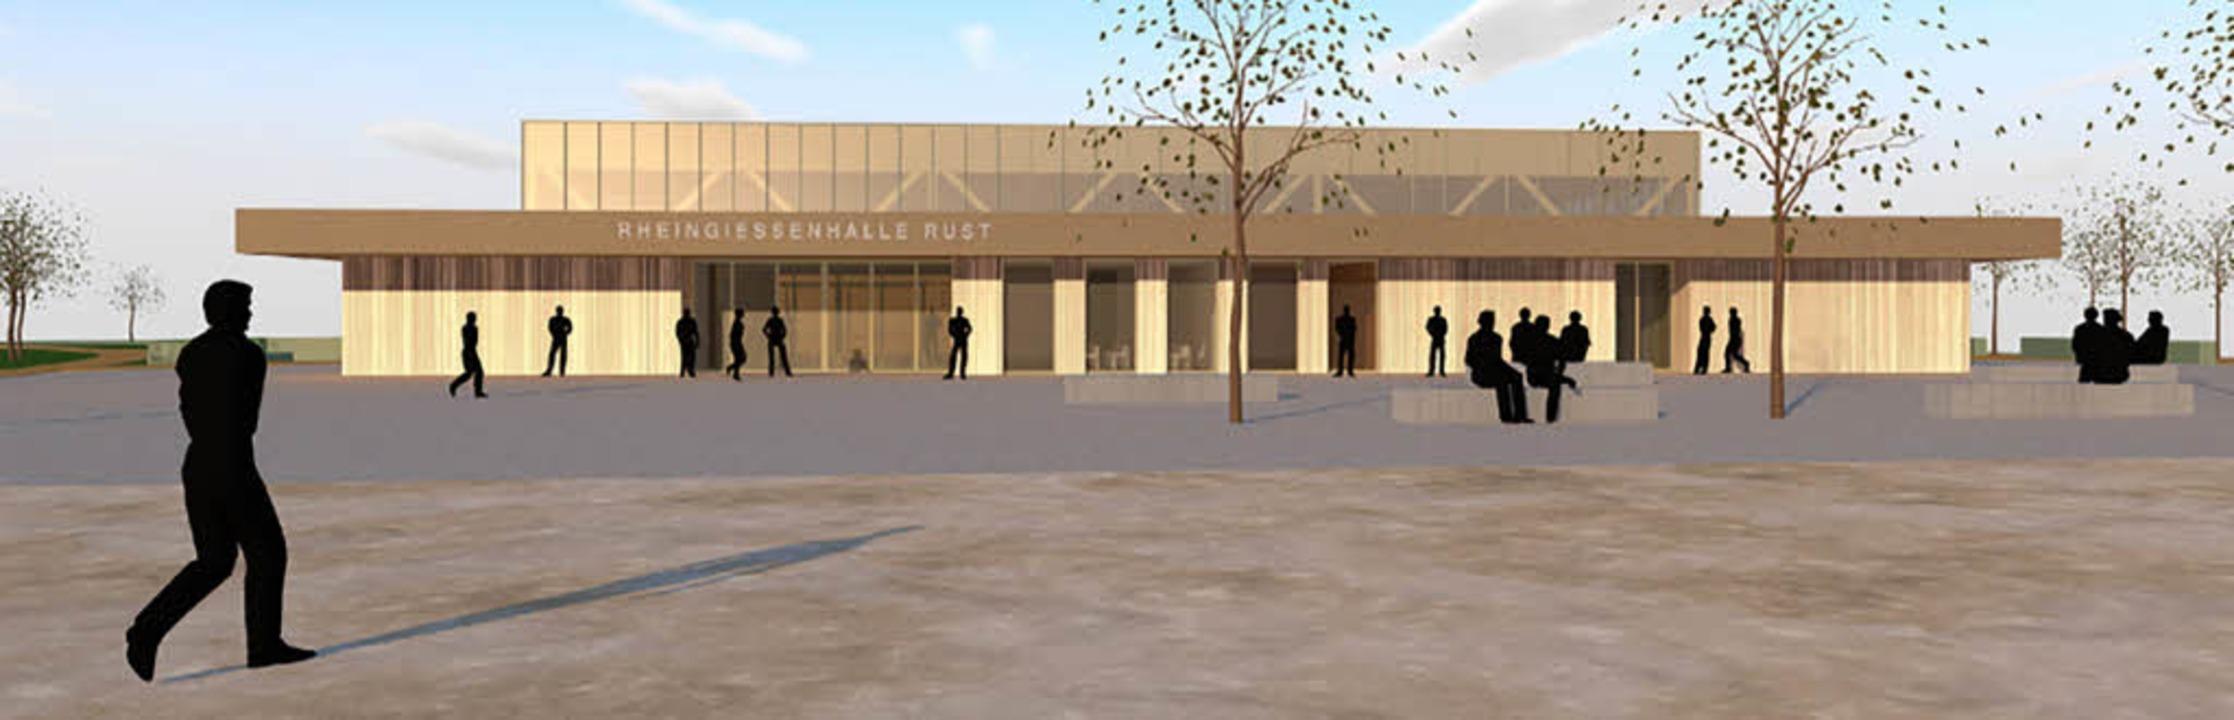 Viel Holz und Glas: So soll die neue Halle aussehen.    | Foto: Visualisierung: Architektenbüro Erny